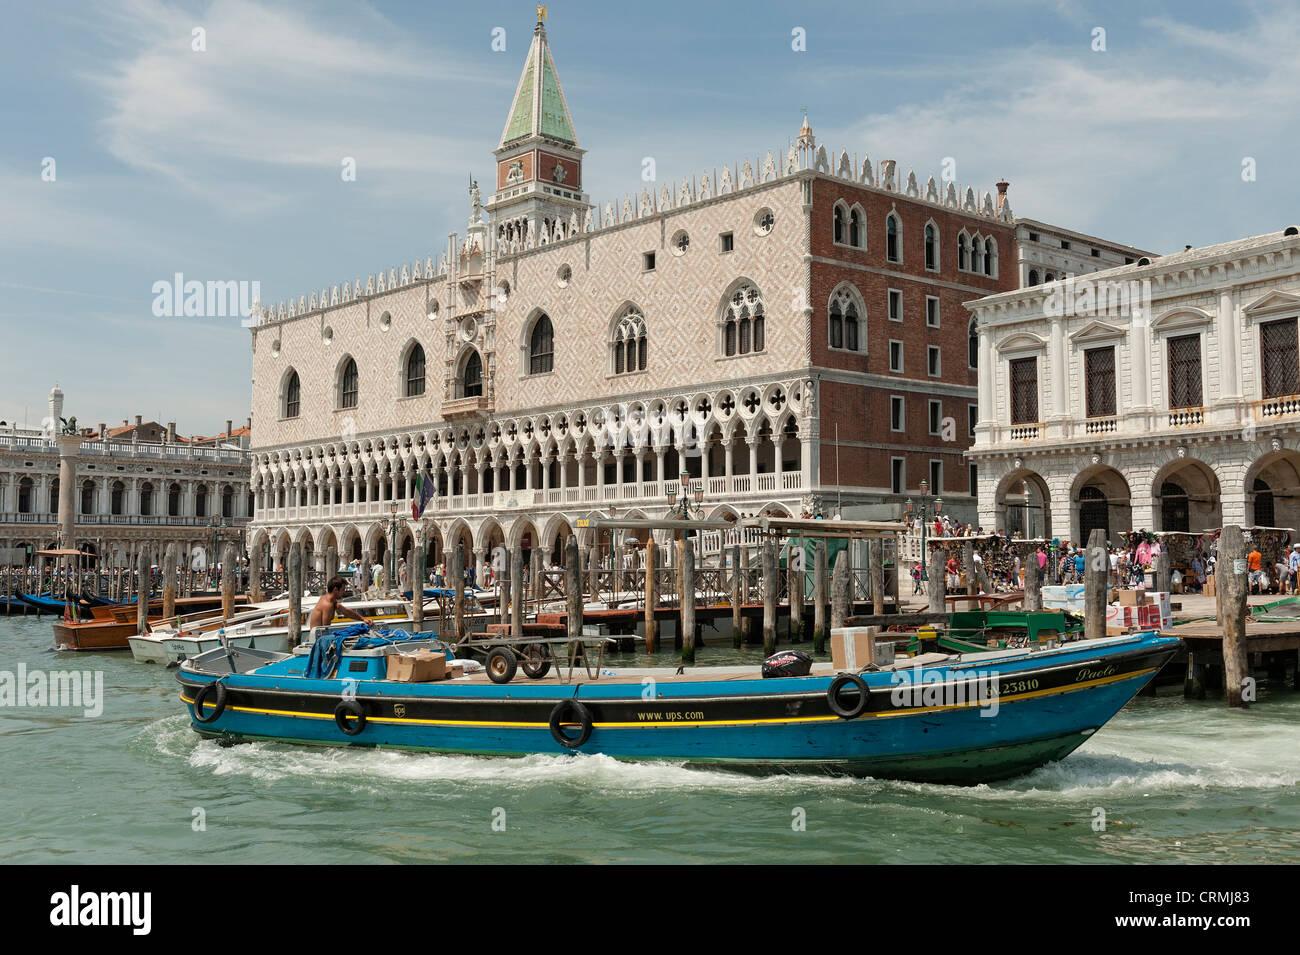 Un UPS per la consegna che arrivano in barca a San Marco Venezia. Immagini Stock